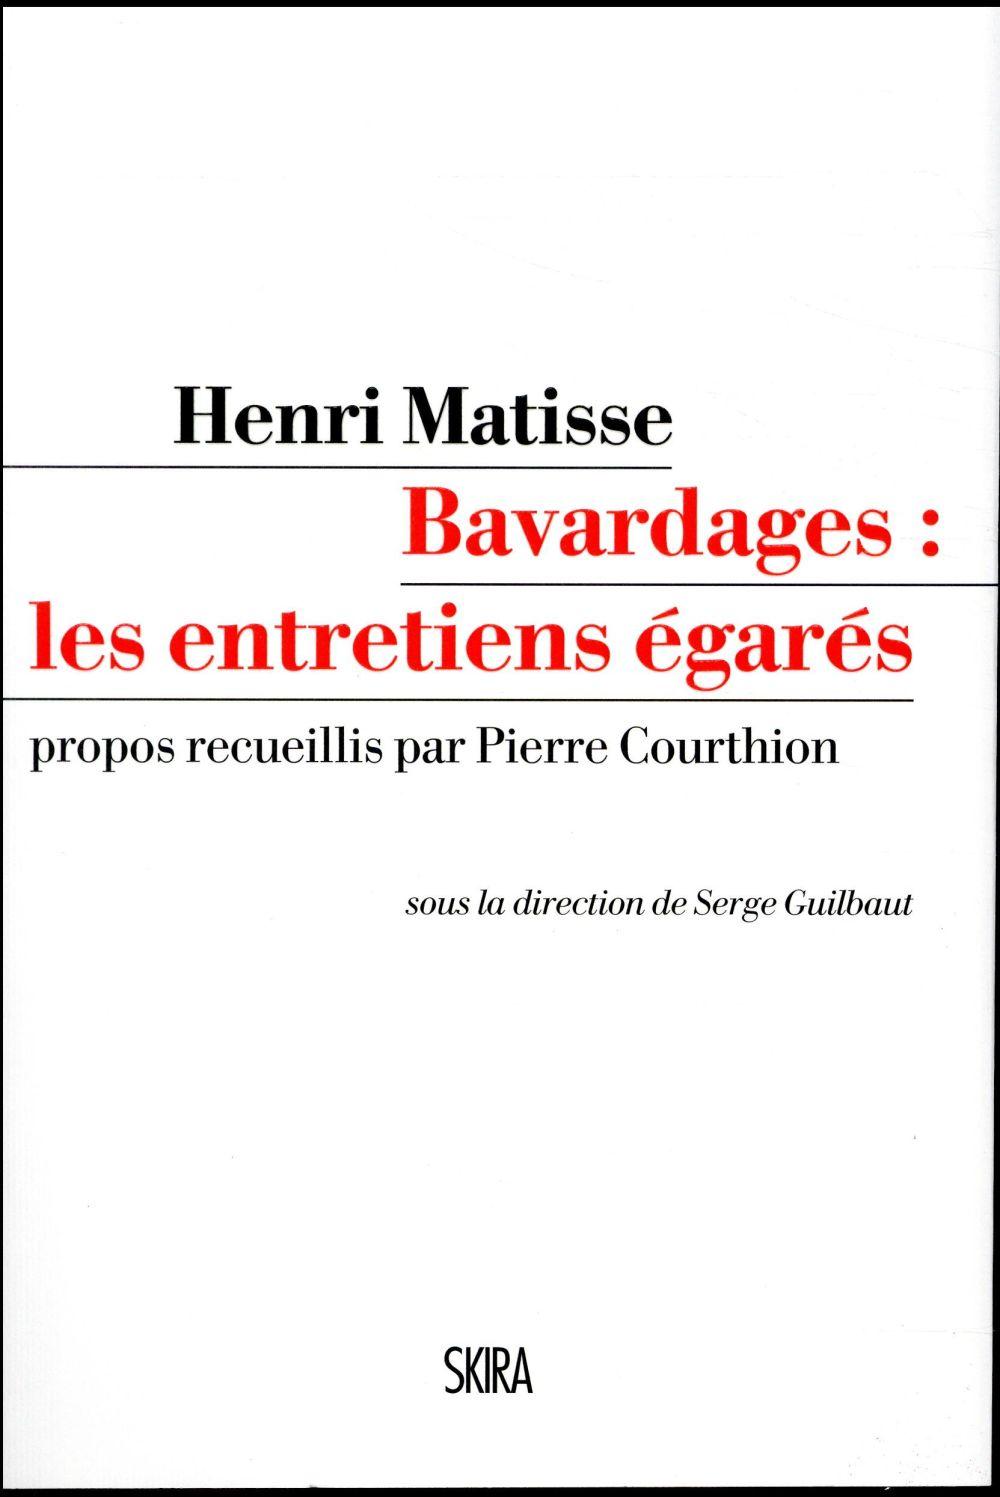 Henri Matisse, bavardages : les entretiens égarés